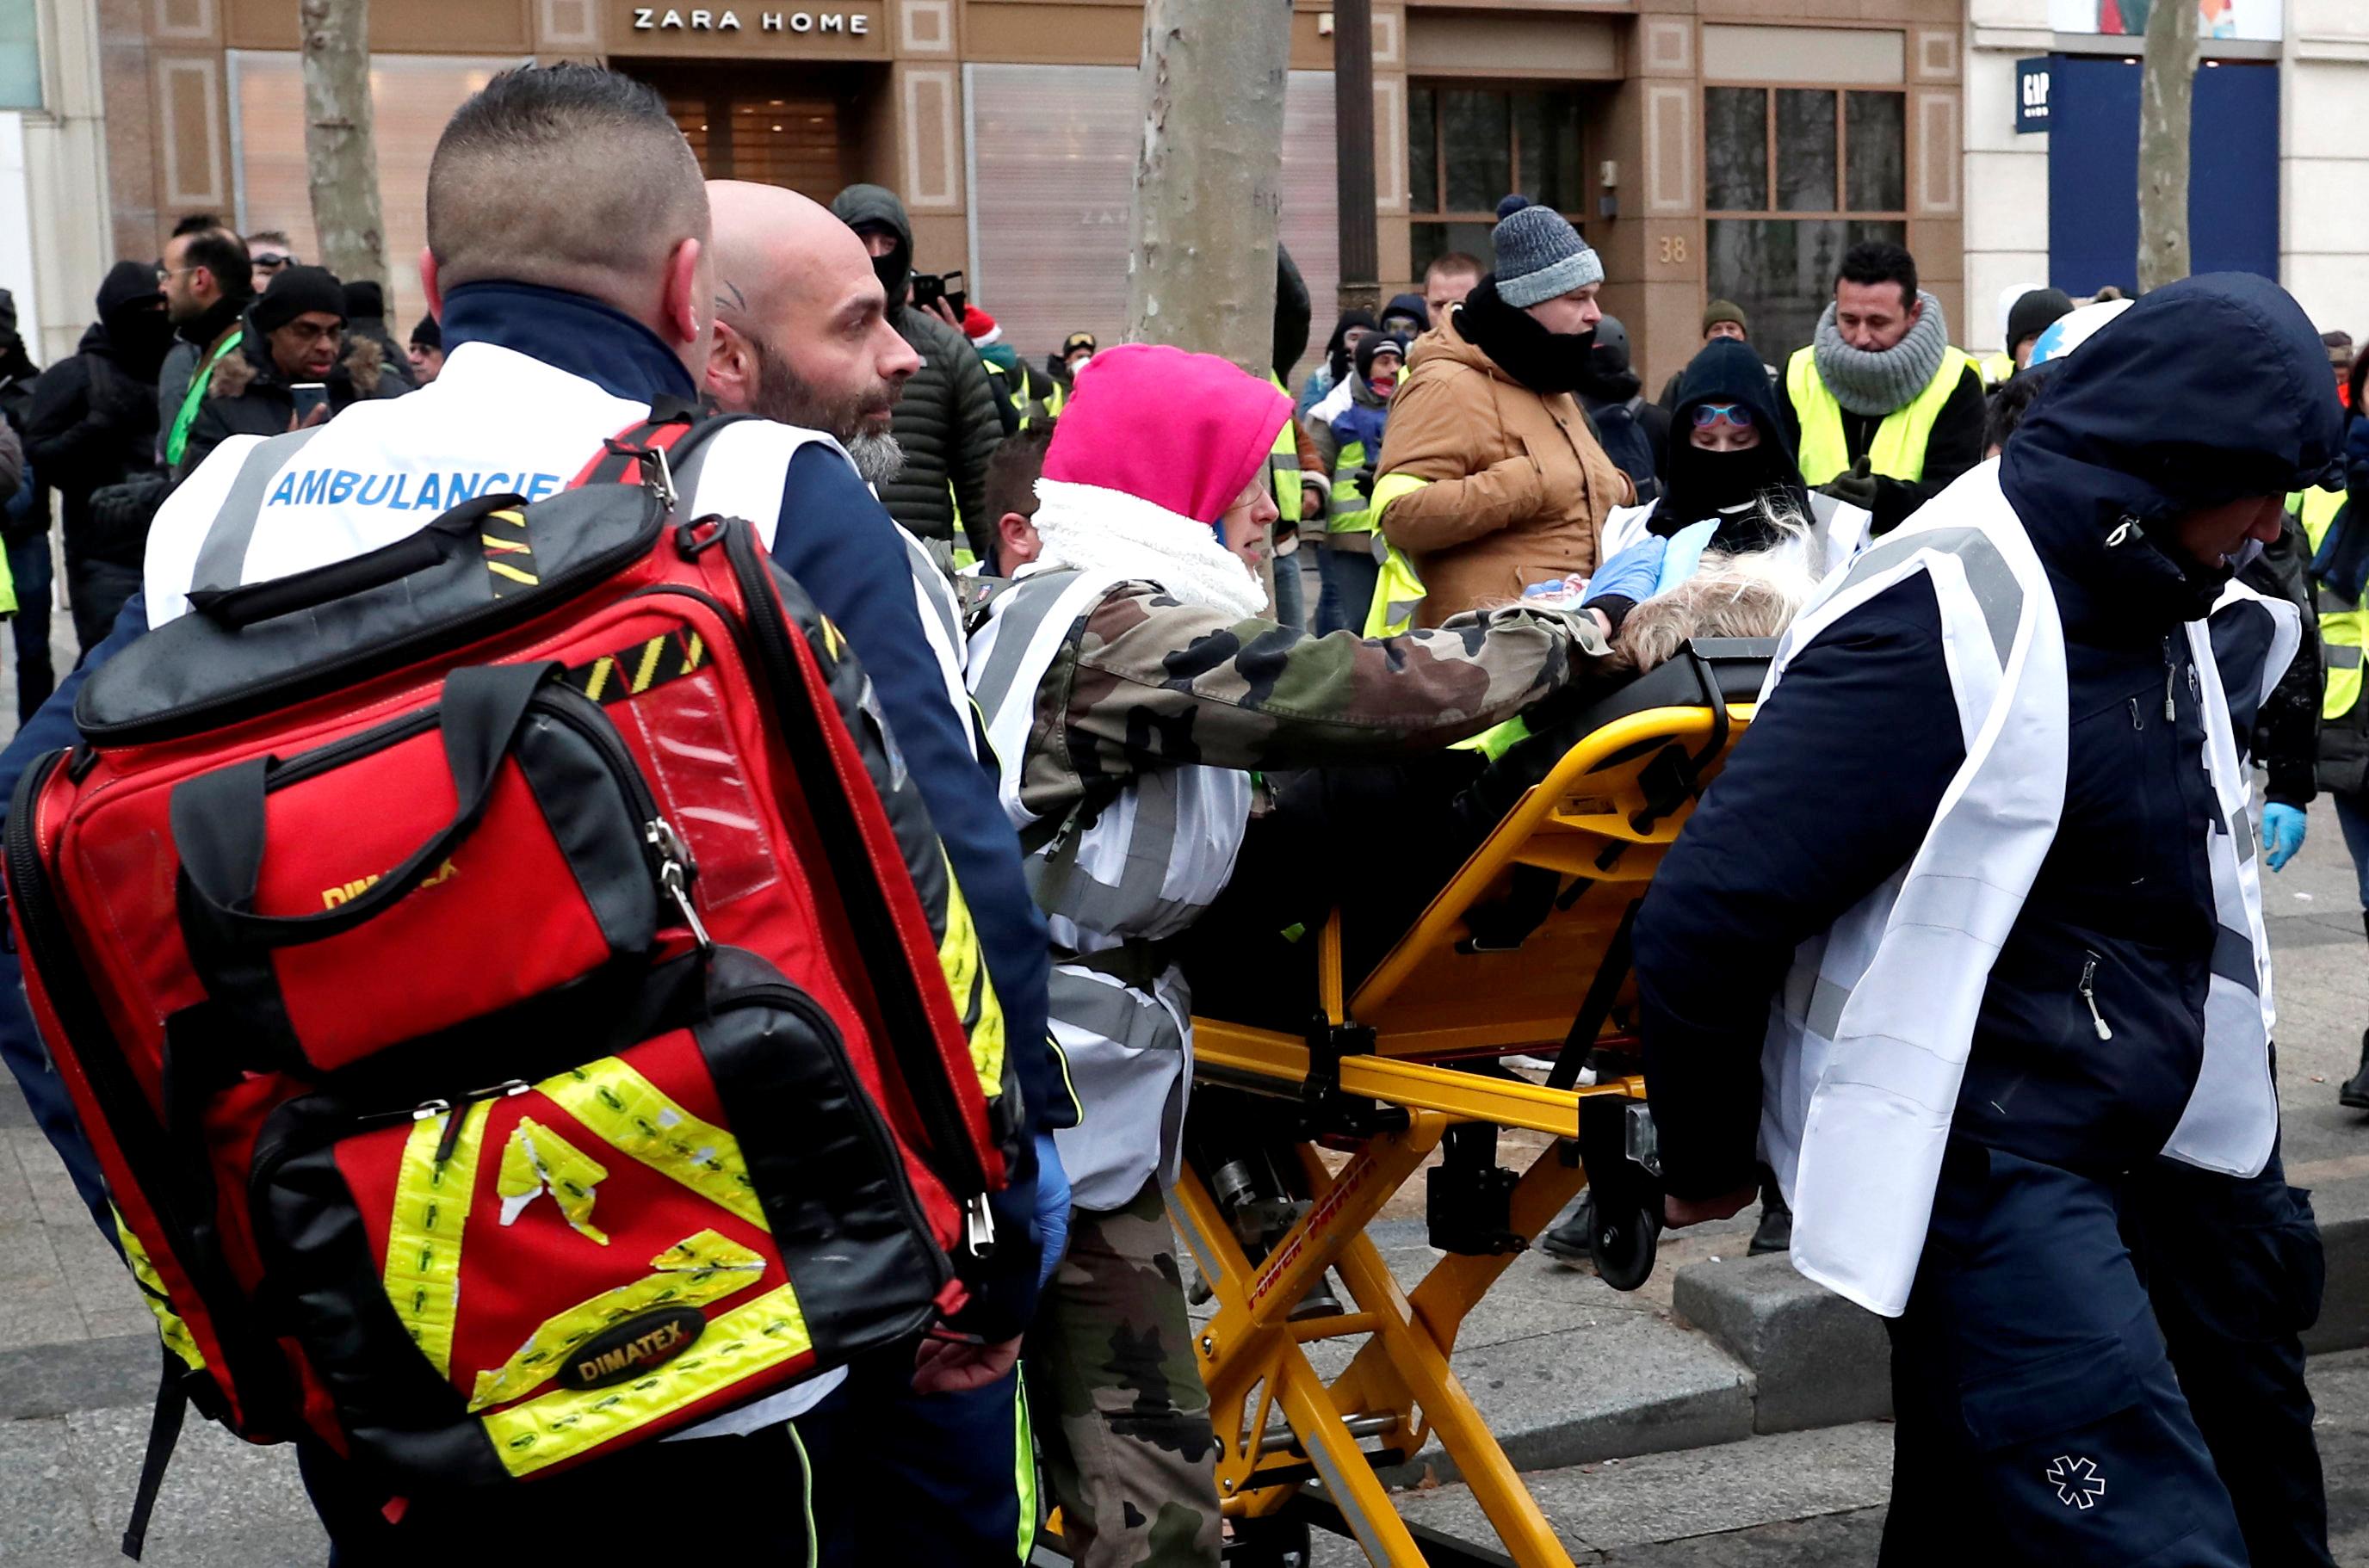 الاشتباكات أدت إلى وقوع مصابين